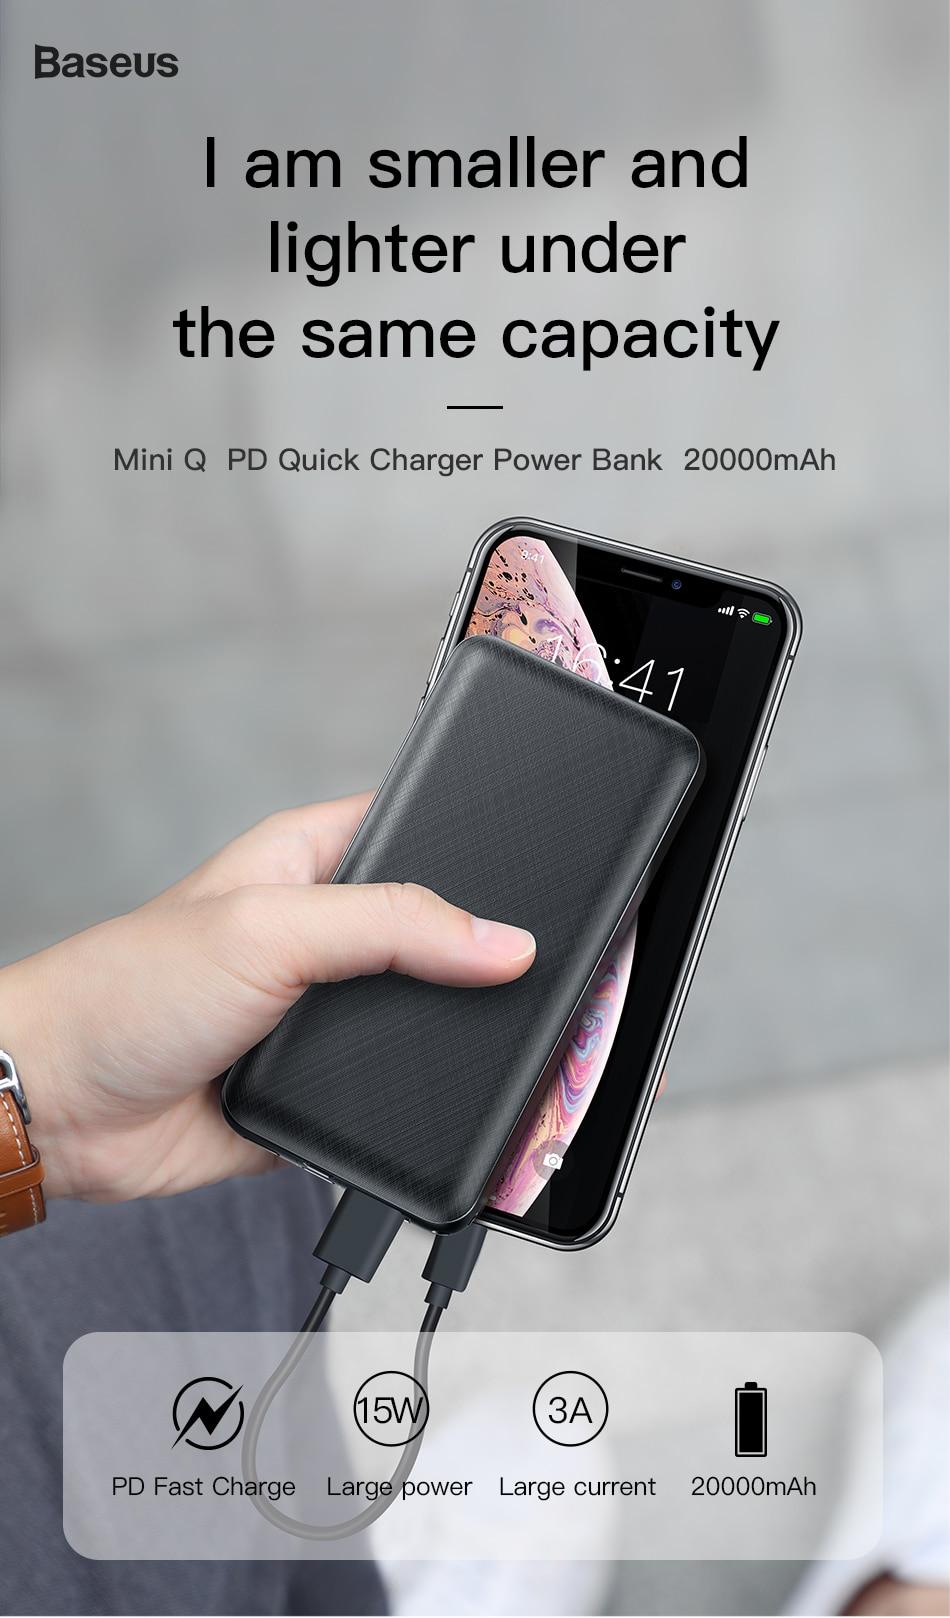 Baseus 20000mah PowerBank miniQ Power delivery www.brandtech.pk